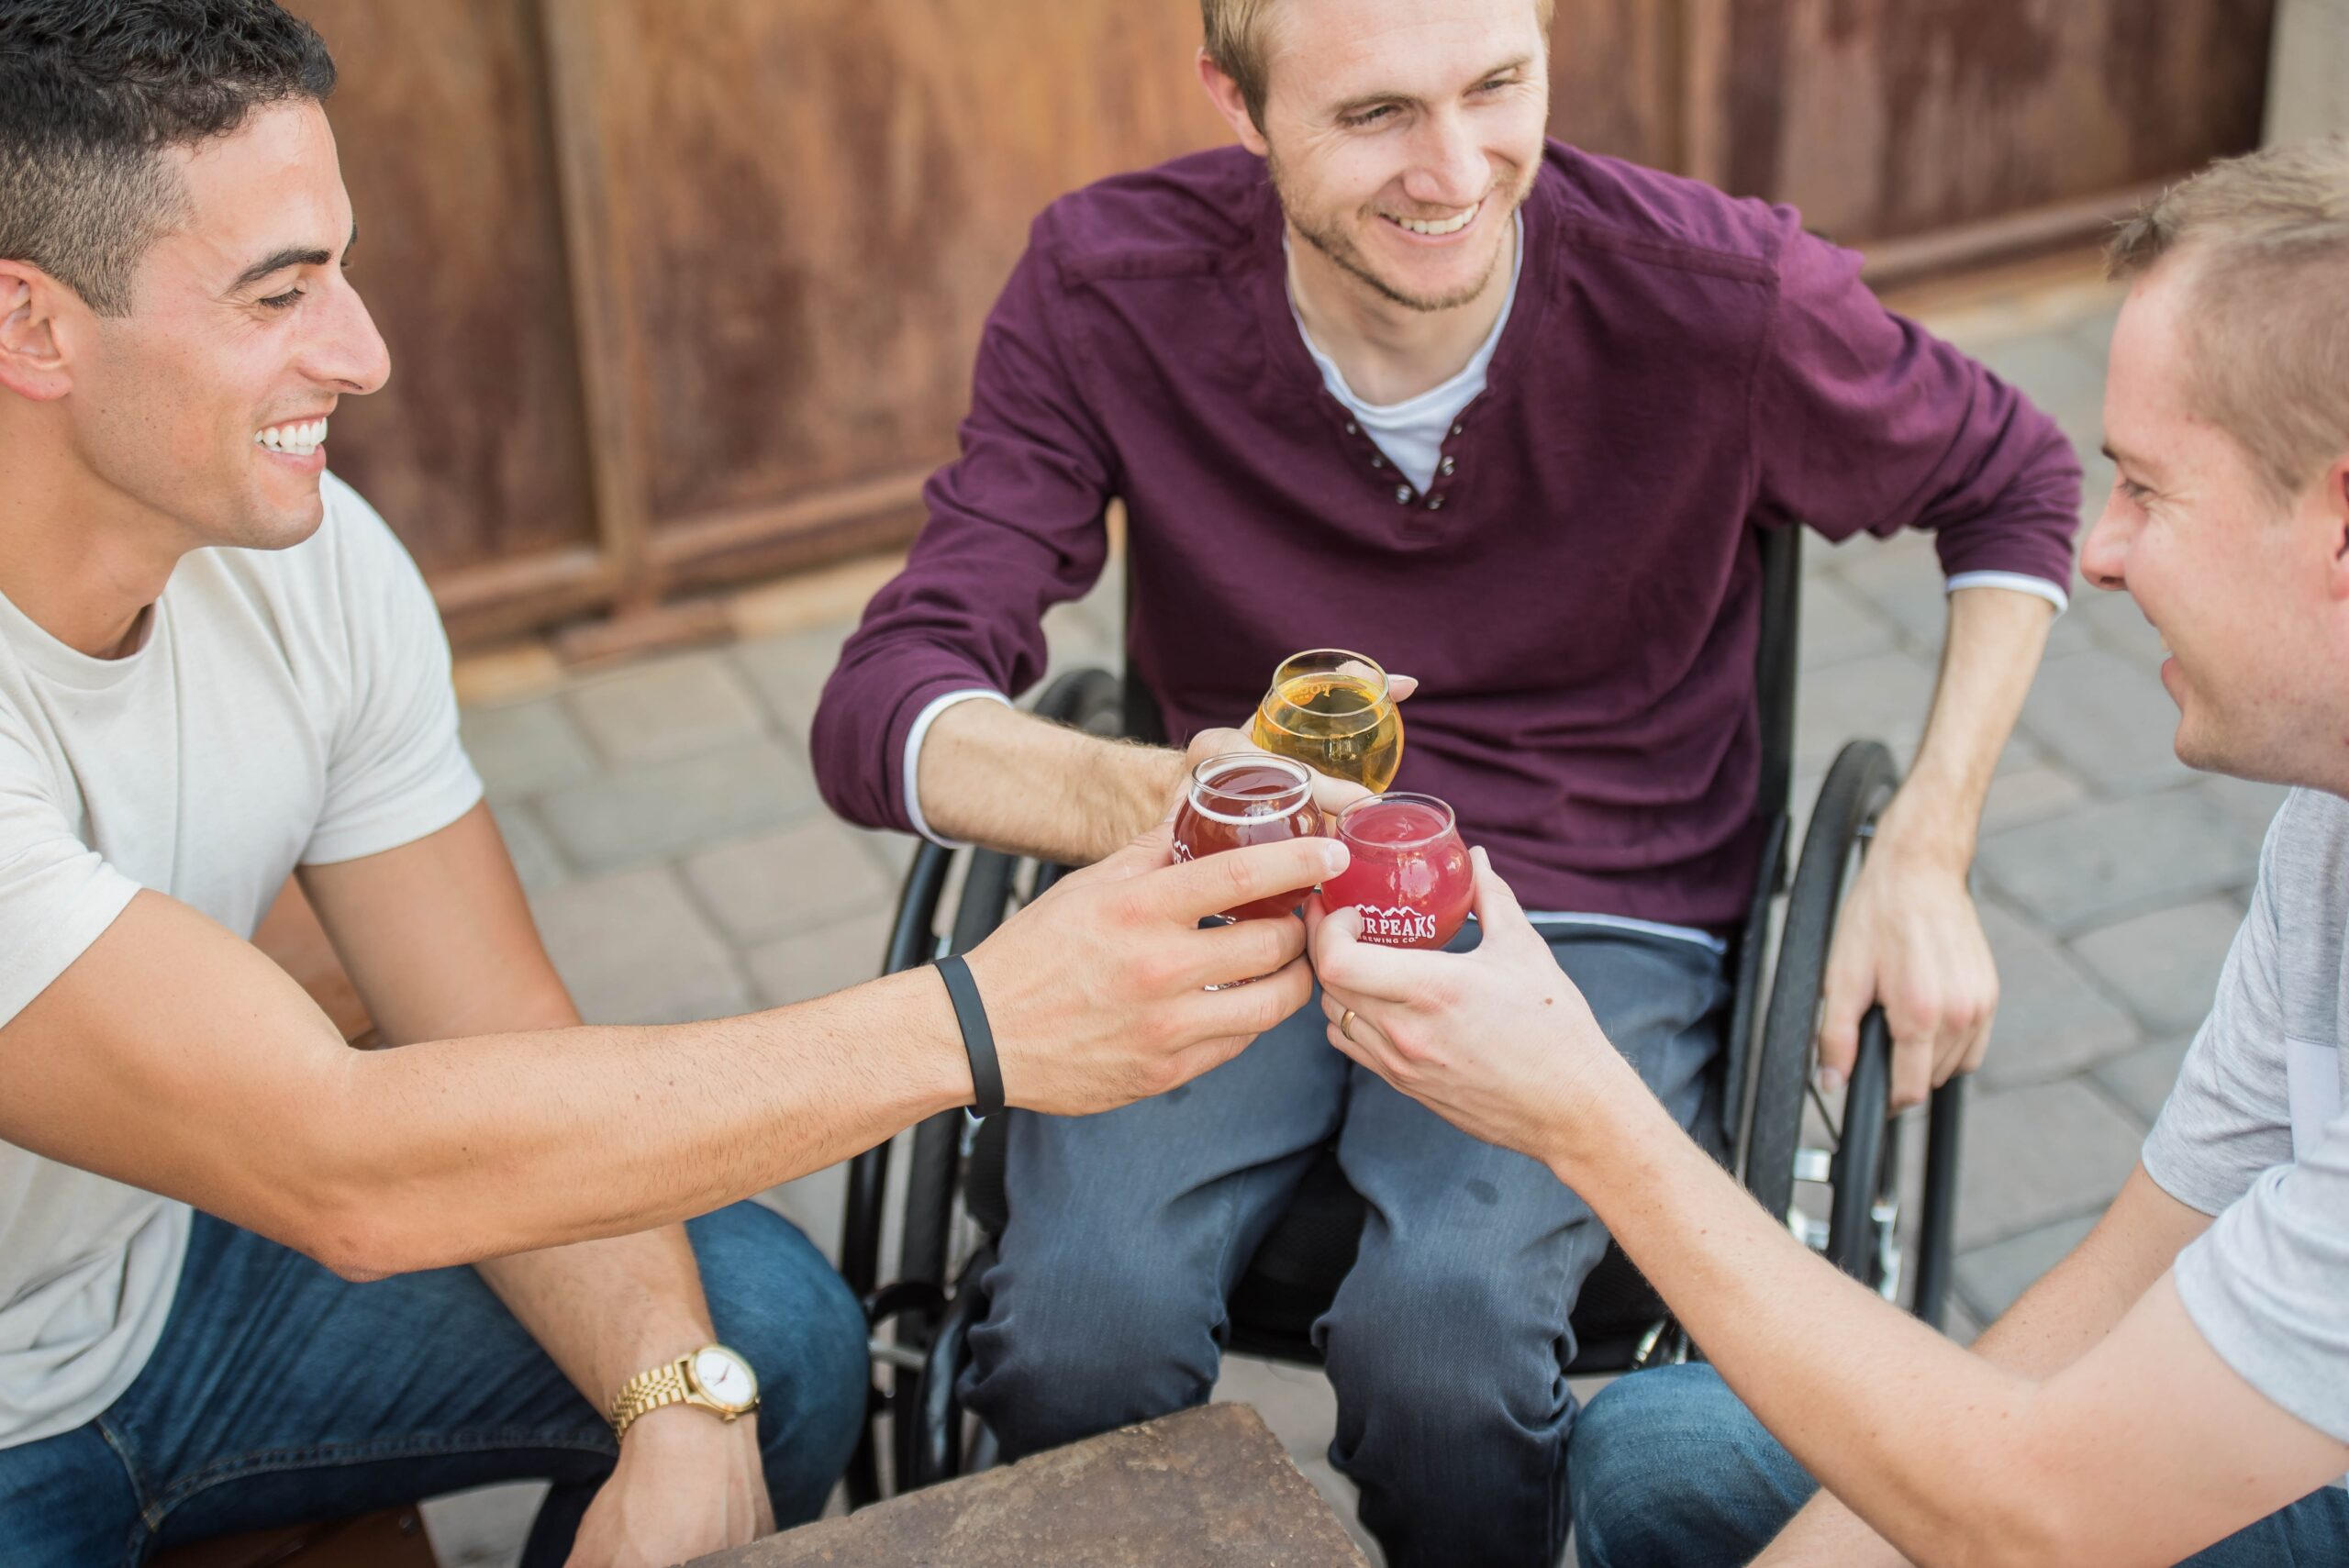 Unterwegs im Rollstuhl: Was das Leben leichter macht